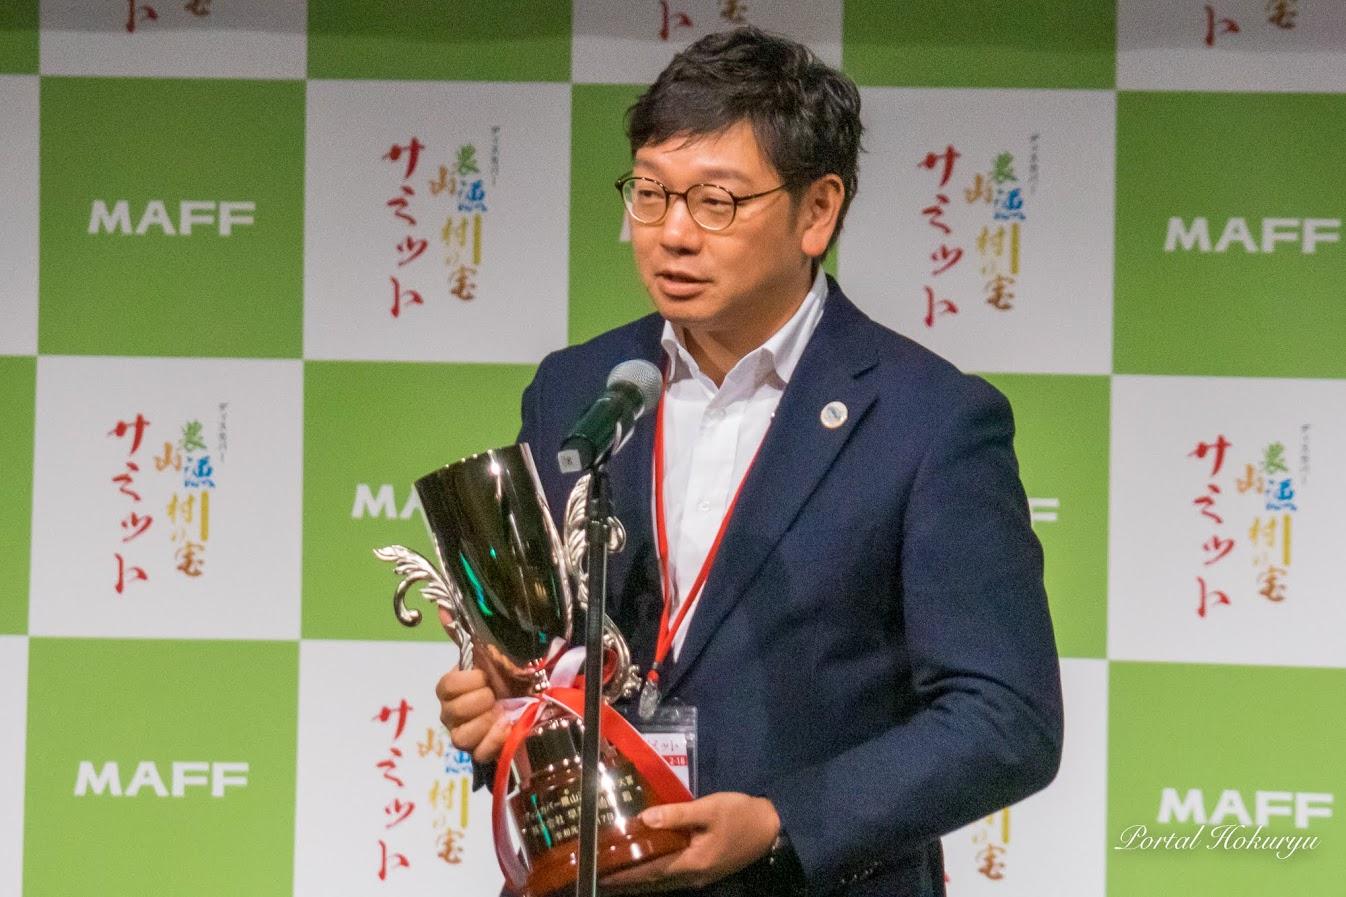 (株)早和果樹園・秋竹俊伸 代表取締役社長